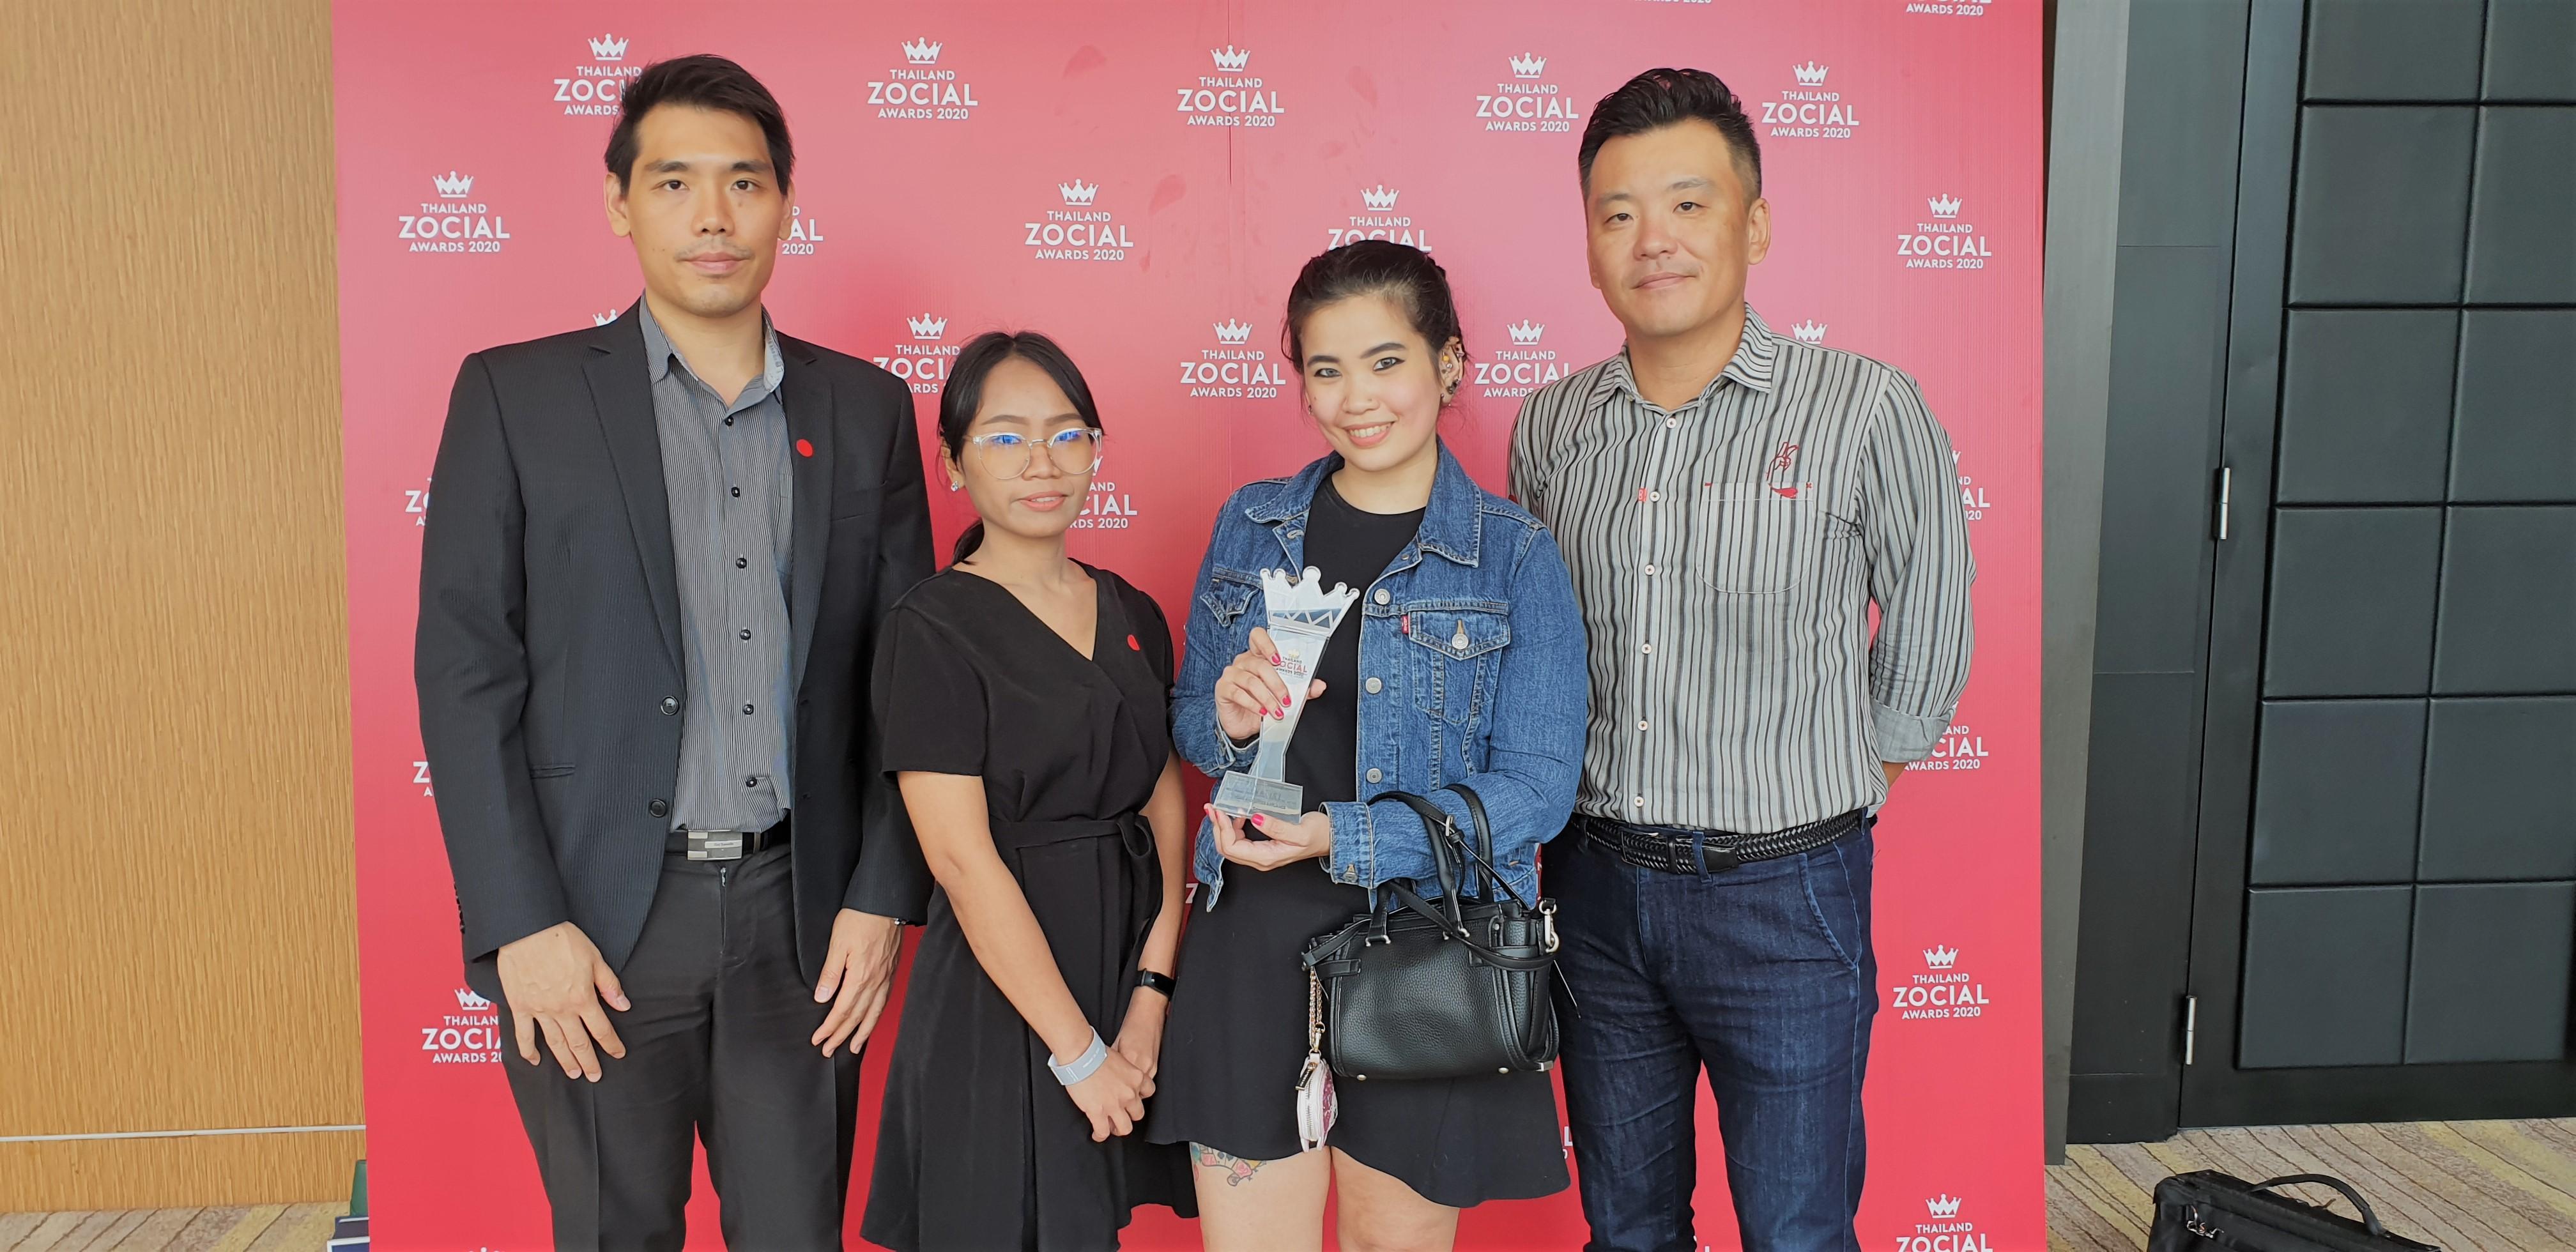 โซนี่ไทยโชว์ผลงานเยี่ยมบนช่องทางดิจิตัลแพลทฟอร์ม เข้ารอบ 3 แบรนด์สุดท้าย Thailand Zocial Awards 2020